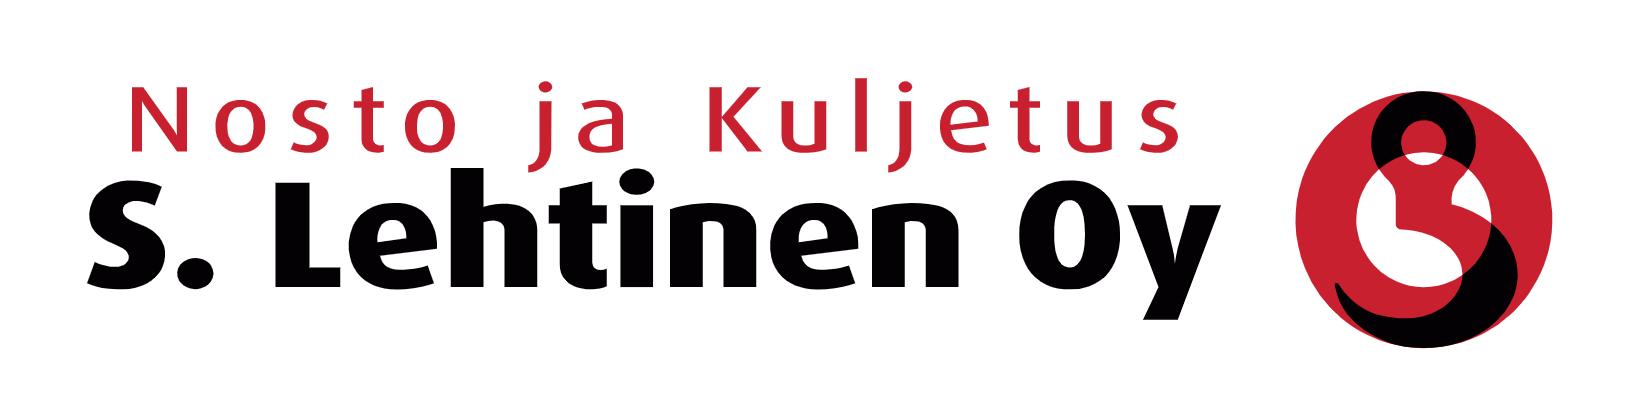 Logo: Nosto ja Kuljetus S. Lehtinen Oy